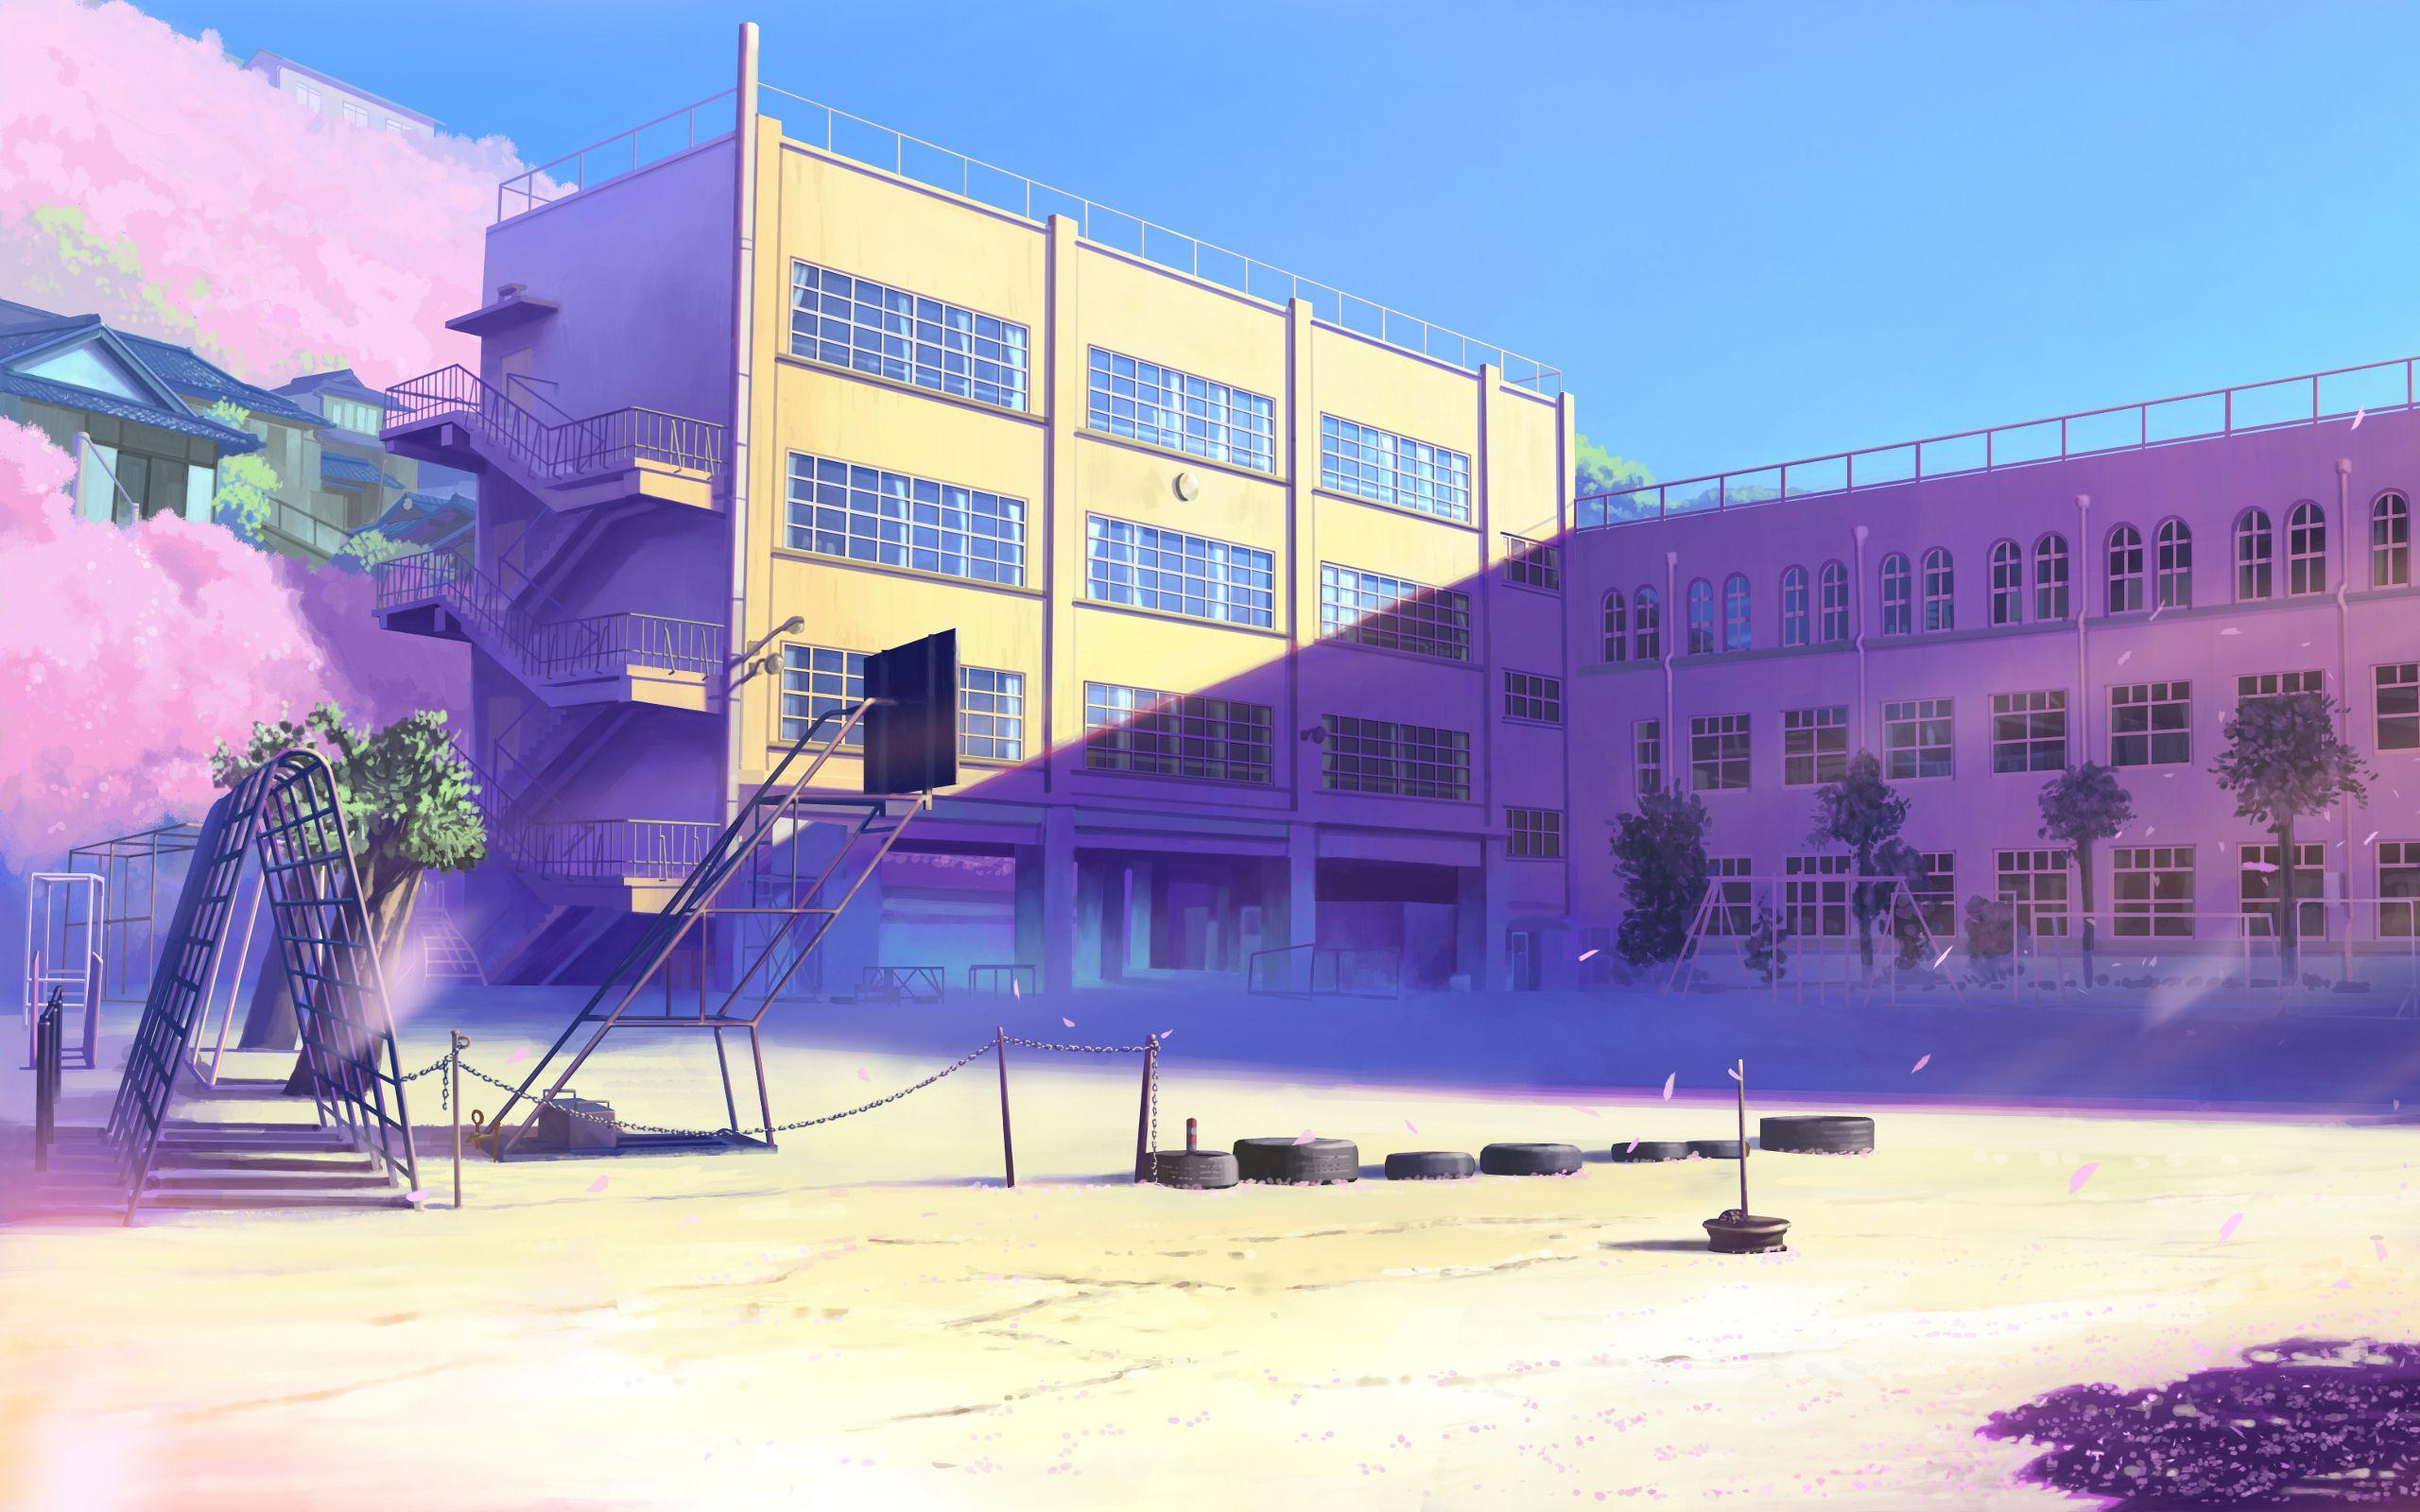 School Yard Image Cenario Anime Cenario Para Videos Fundo De Animacao